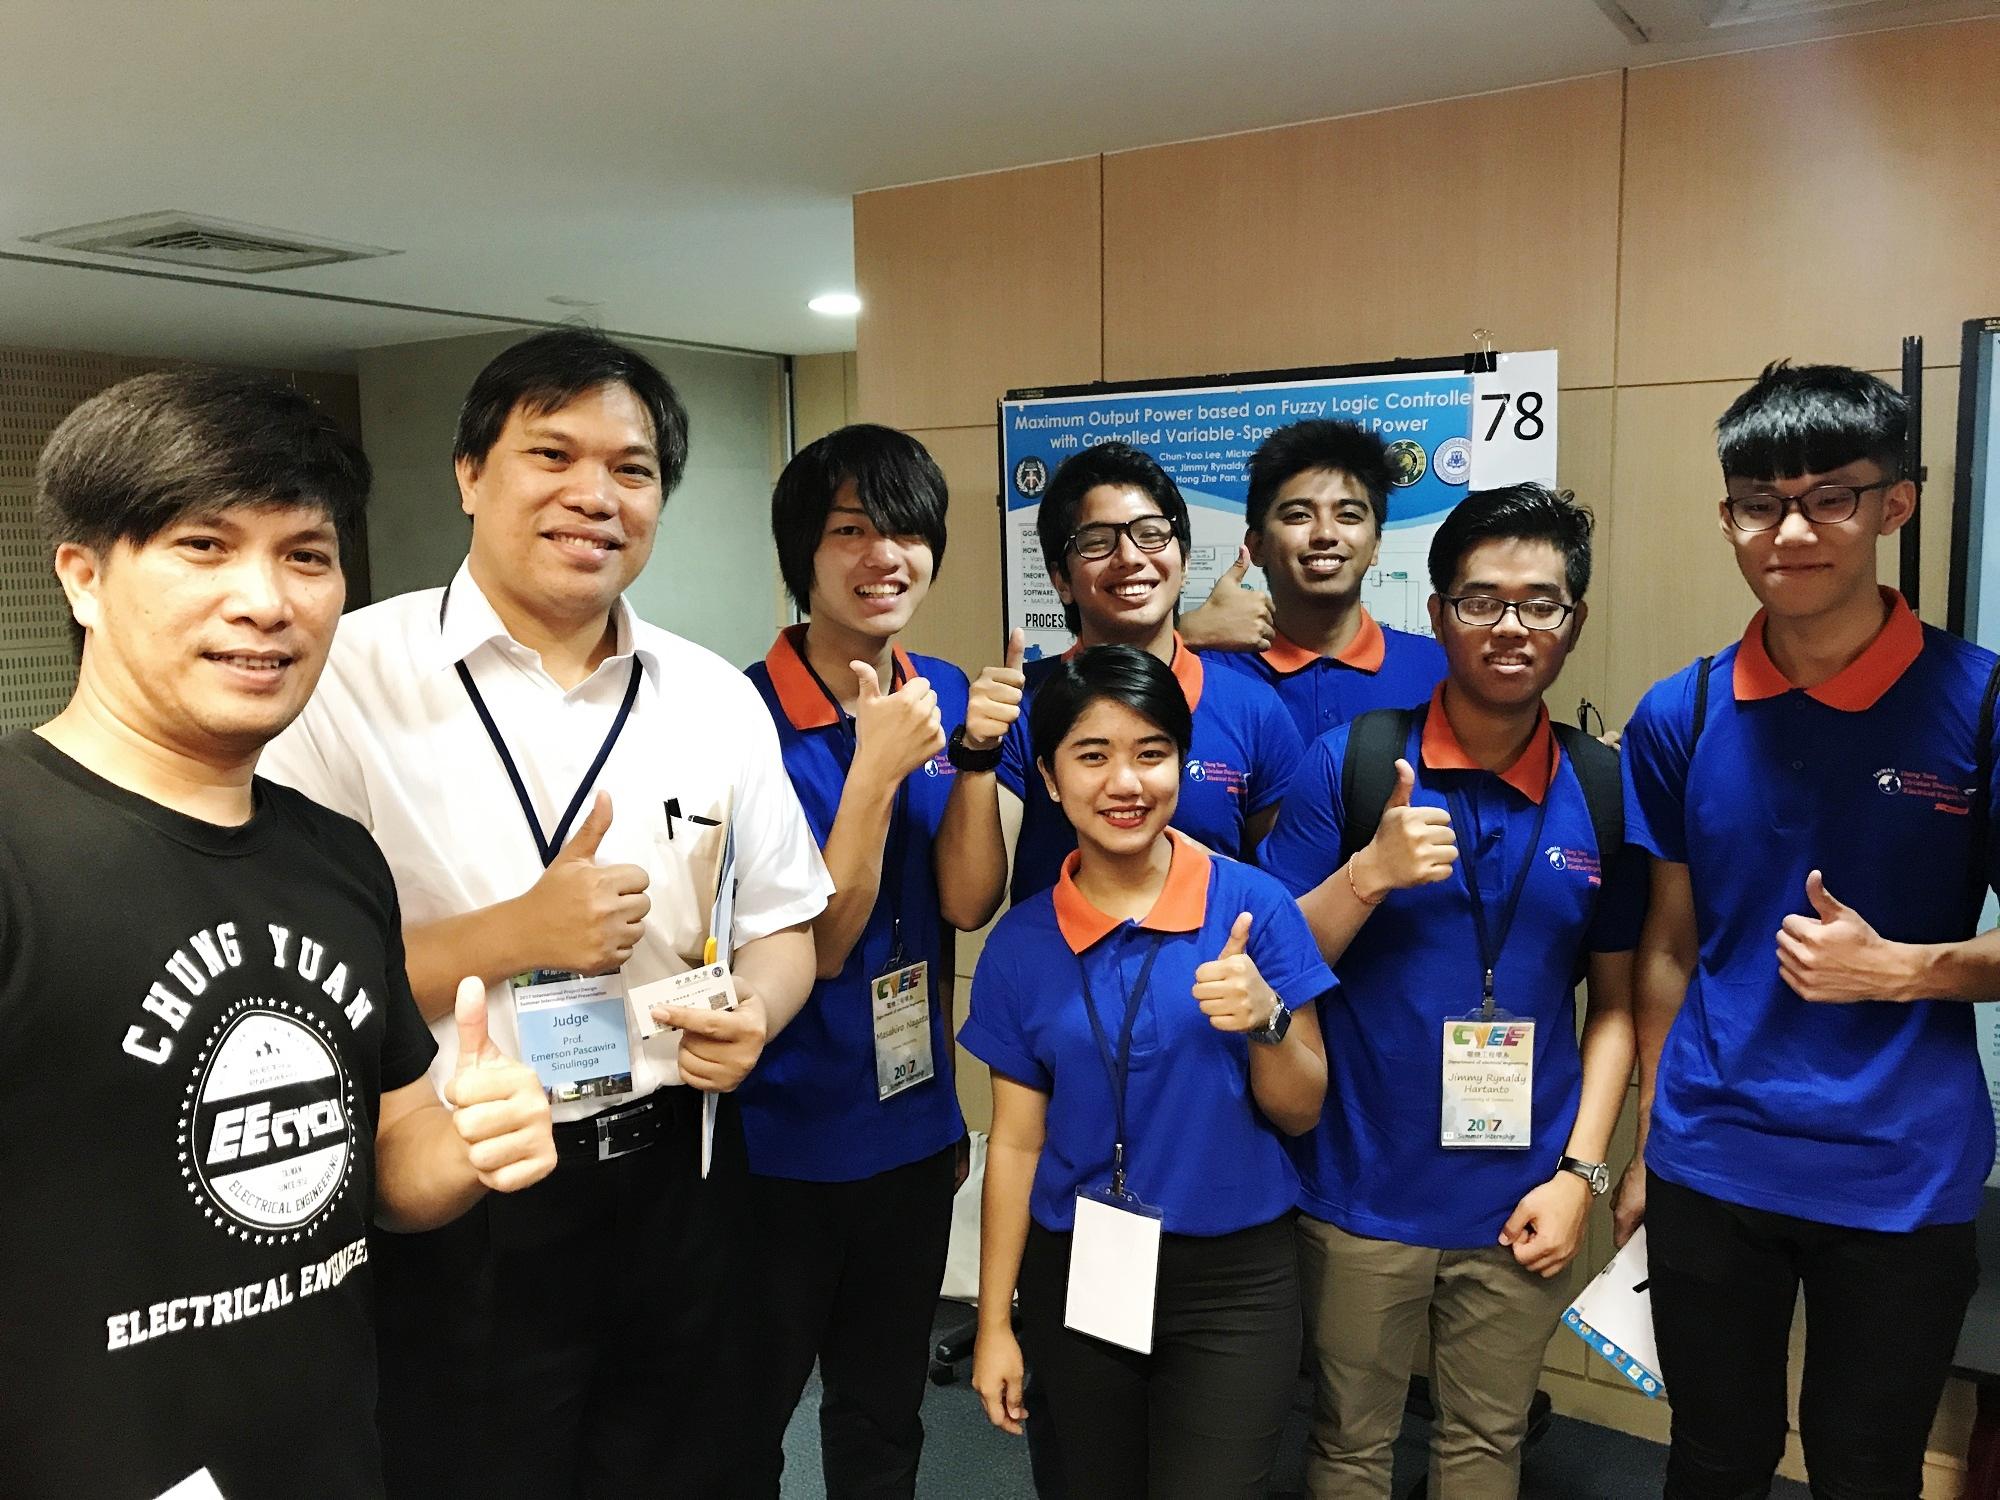 通稿照片5-印尼North_Sumatra大學教授Emerson_Sinulingga博士指出,國際性競賽提供更多印尼學生多一個出國進修學習的好管道.JPG